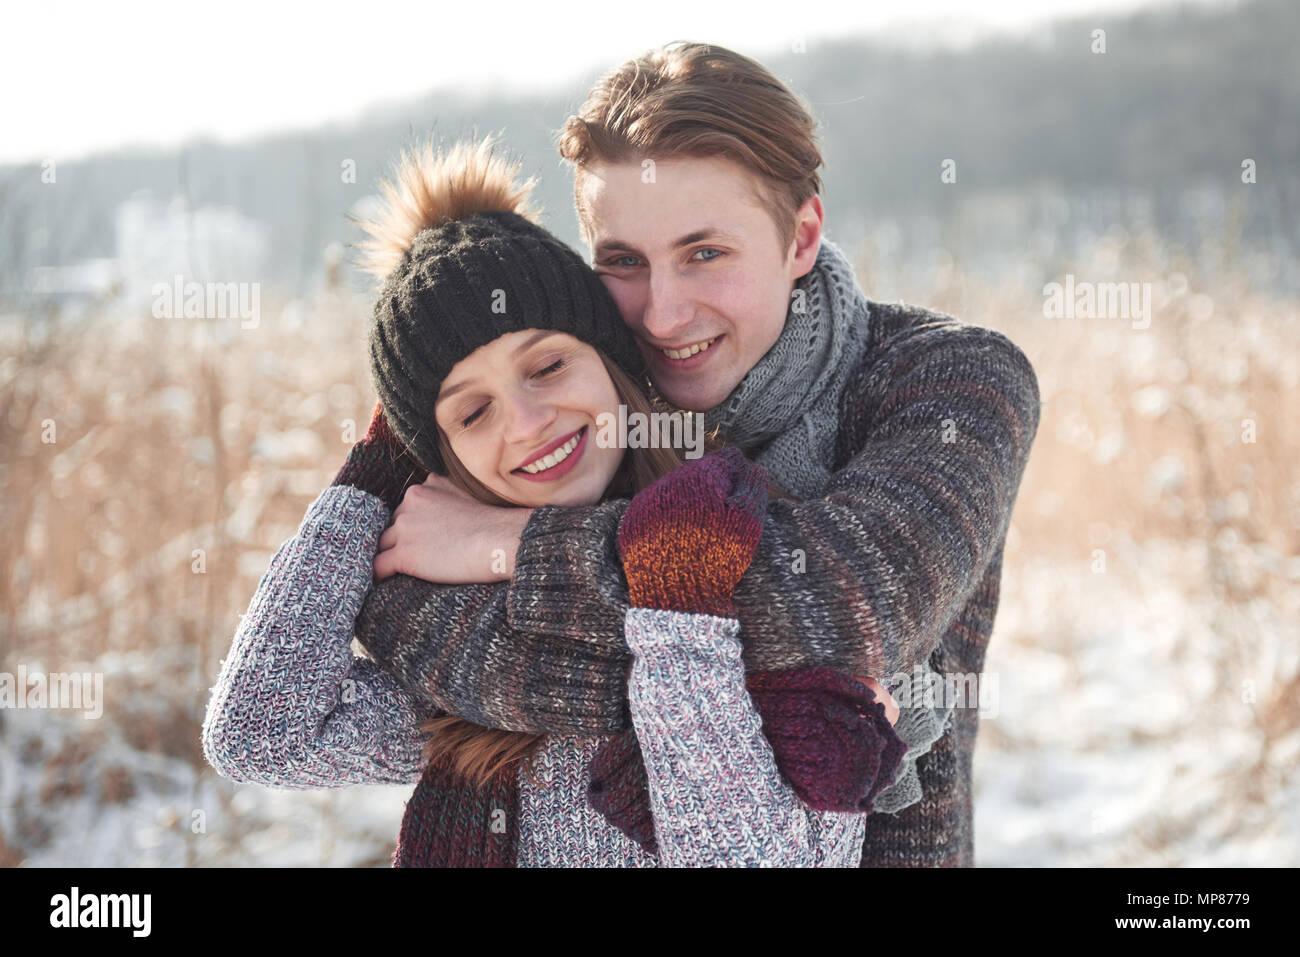 Heureux Noël couple in love embrasser en hiver neige forêt froide, l'espace de copie du nouvel an, fête, vacances et locations, voyages, l'amour et les relations Photo Stock